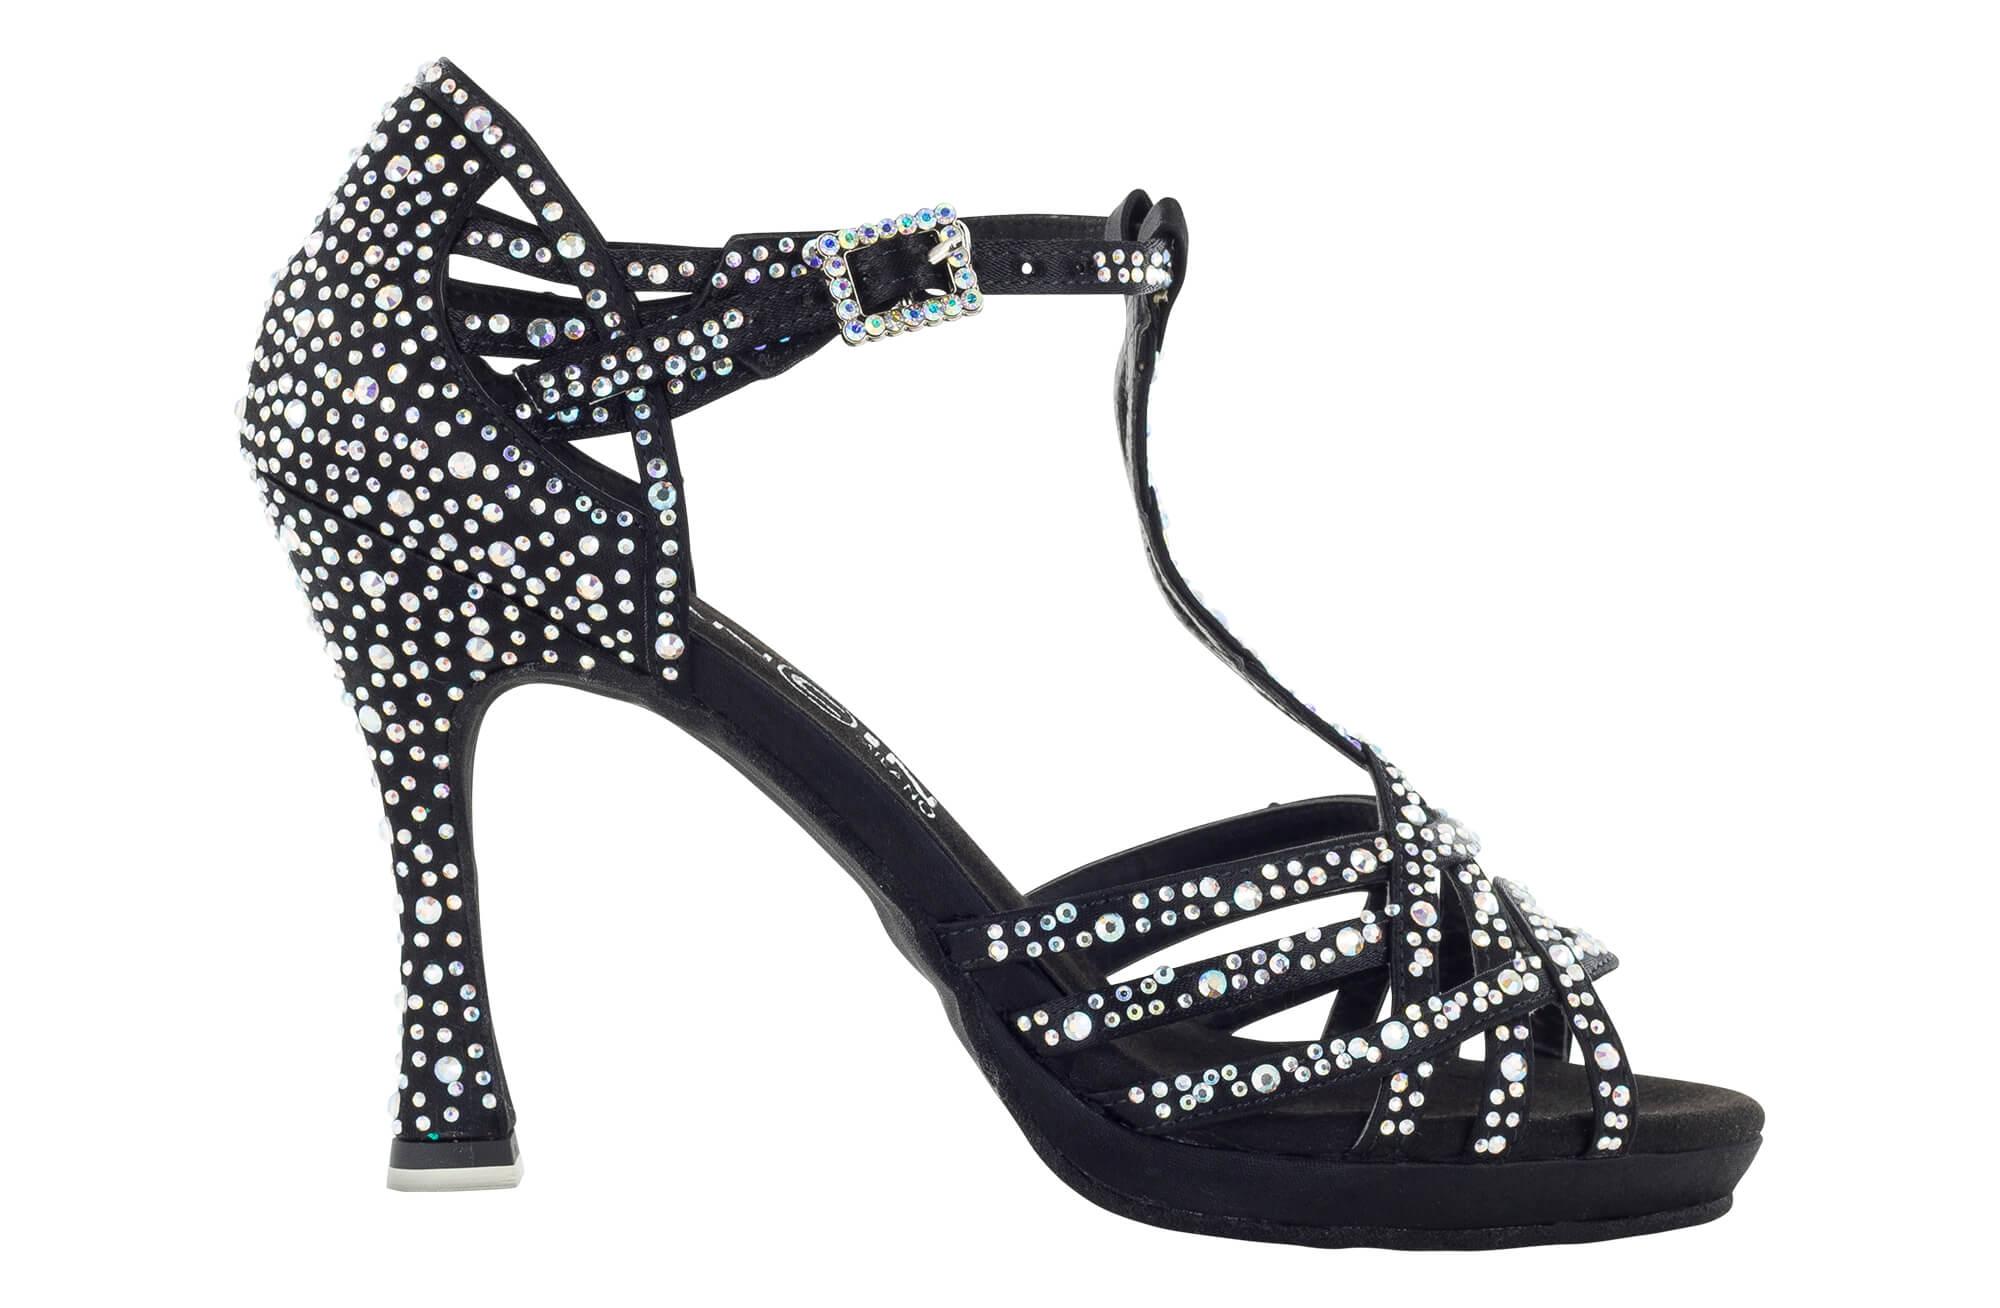 Zapato de baile Danc'in de Edición Limitada «Arianna Bazzini» de Plataforma en Negro con Tacón de 10cm